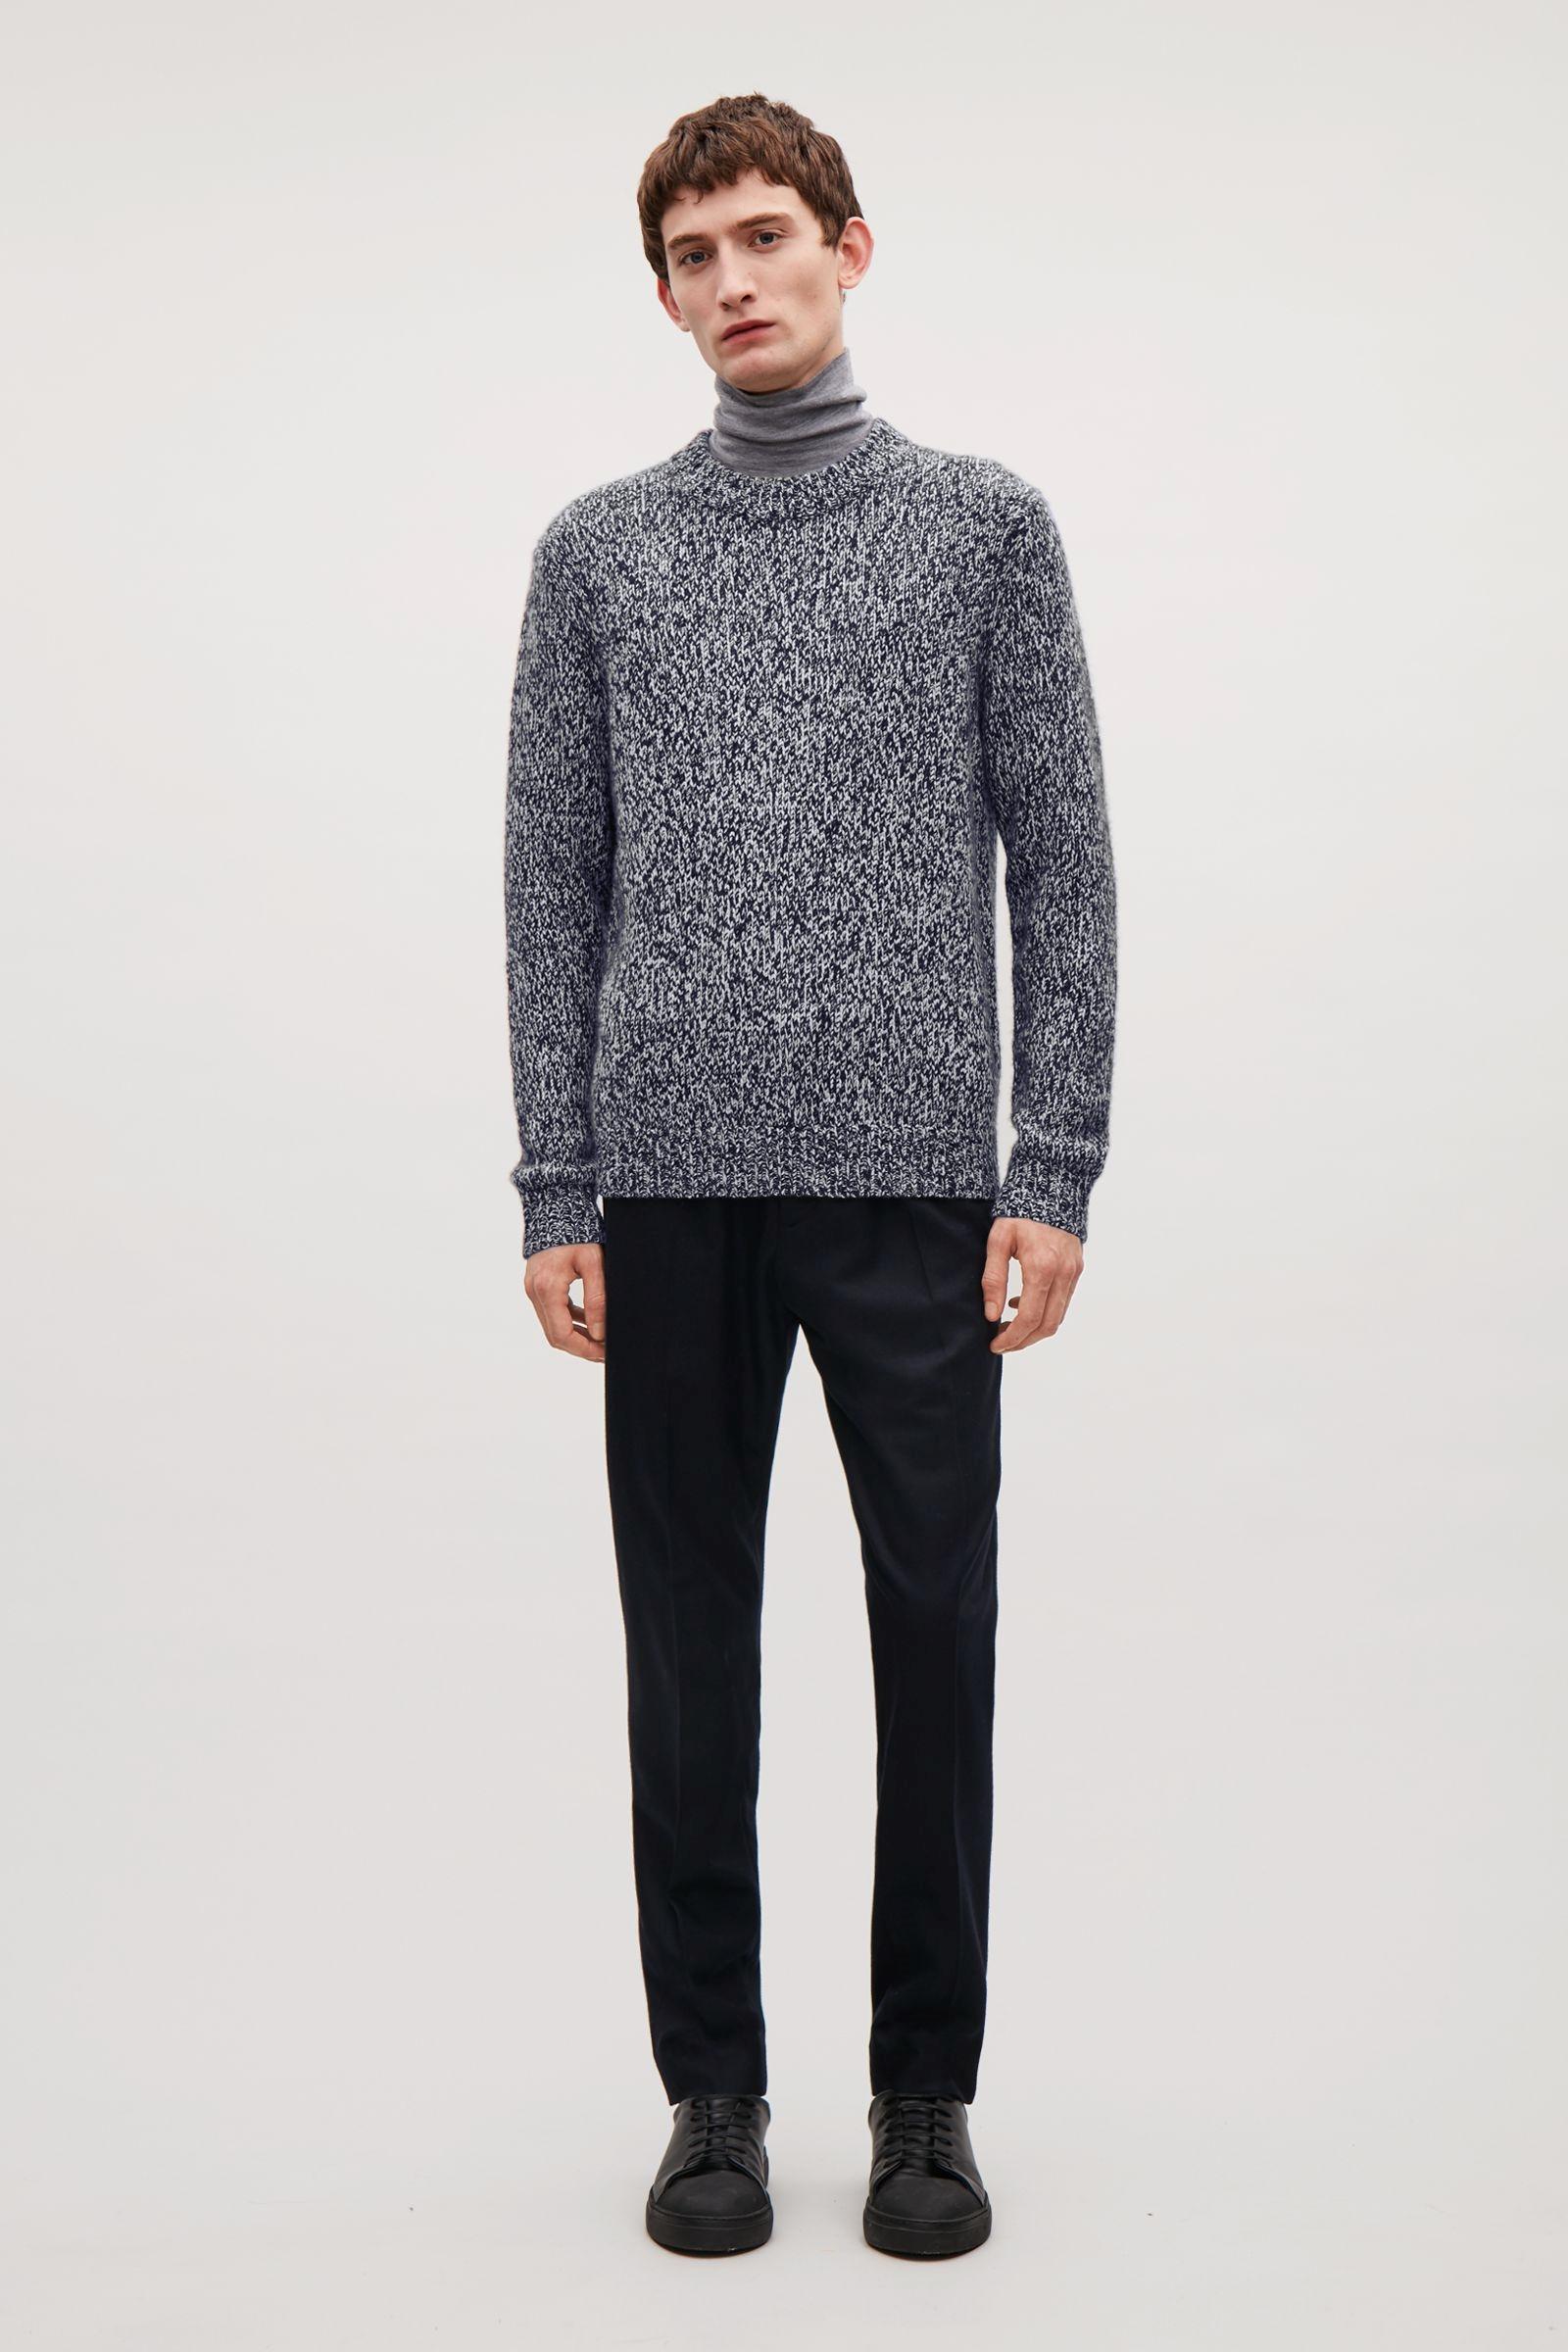 Пуловер Cos Както споменахме в дамския списък с подаръци, кашмирът е особено подходящ за коледен подарък. Тук избраният идва с релаксирана кройка и двуцветни сиви влакна. 386 лв.